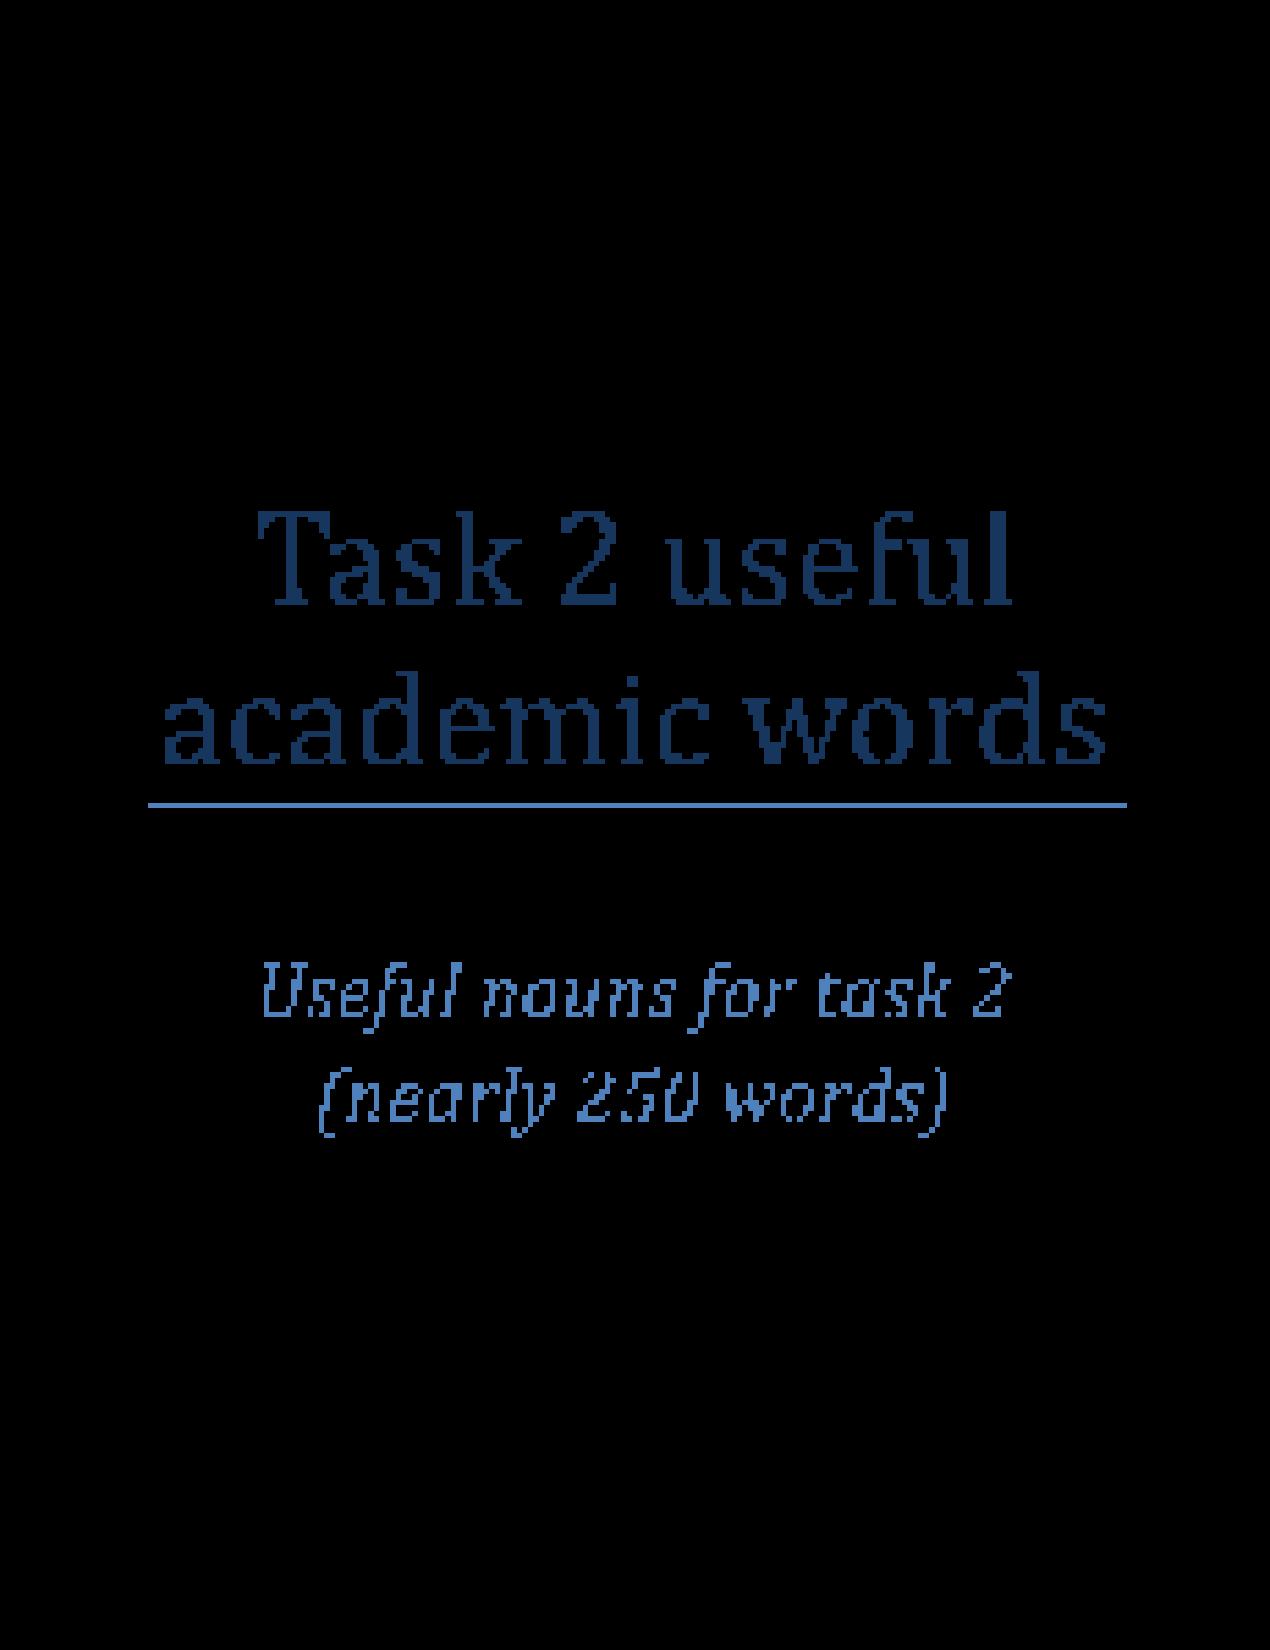 Formal essay words